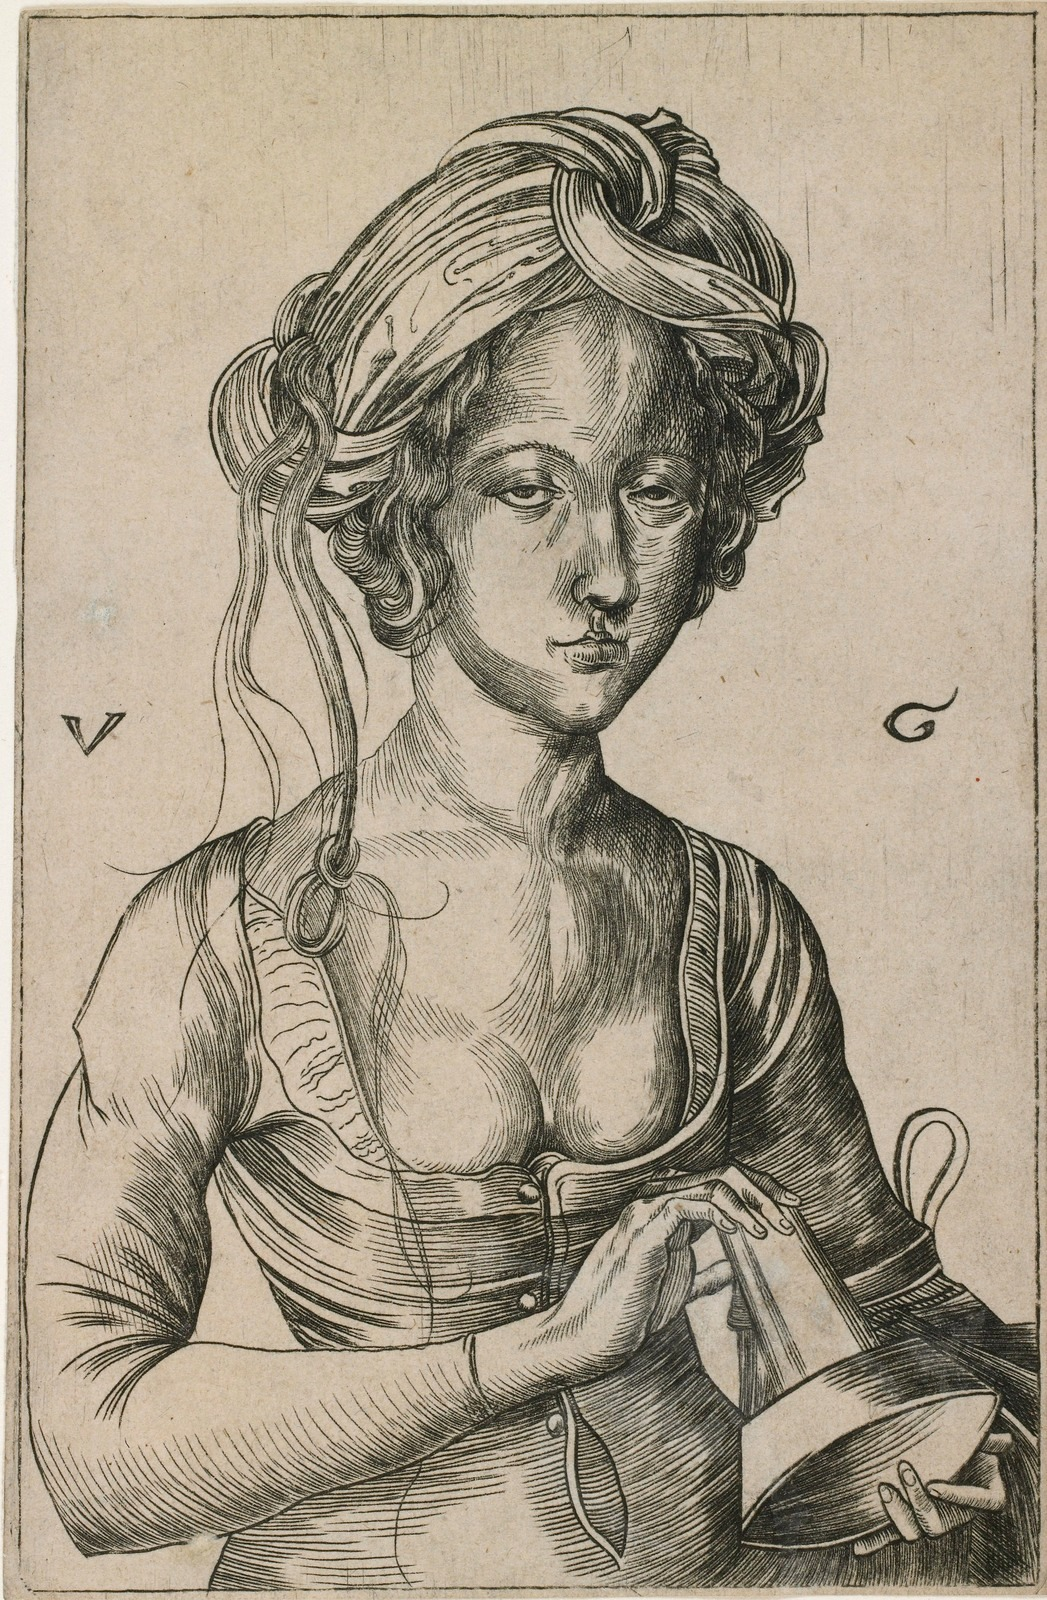 Дева неразумная (копия с гравюры Мартина Шонгауера) (A Foolish Virgin, After Martin Schongauer)_1500-1530_15.7 х 9.8_резцовая гравюра на меди.jpg